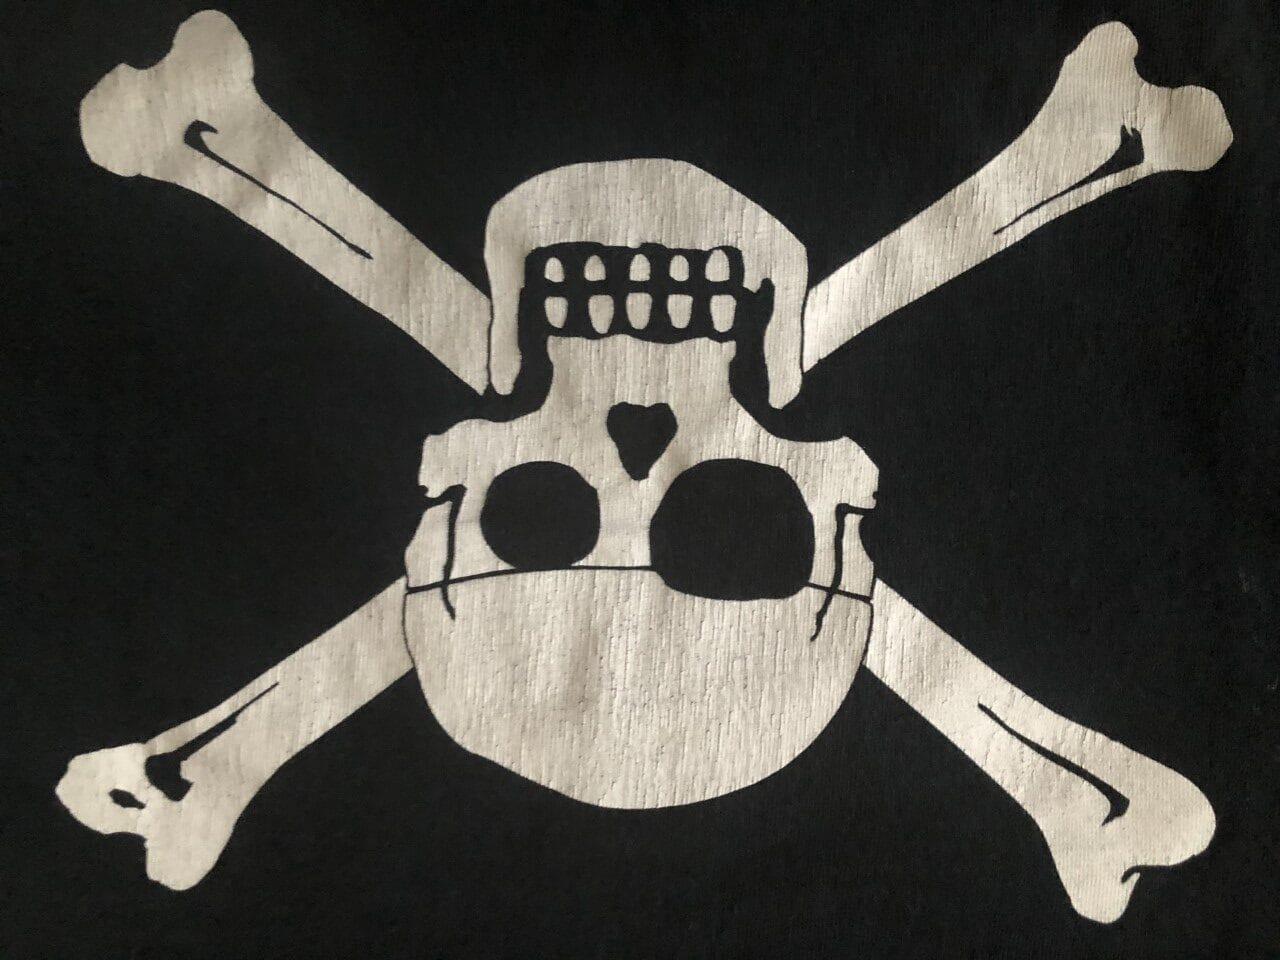 Cheshire Y Sea Dog Swim Club logo - perhaps